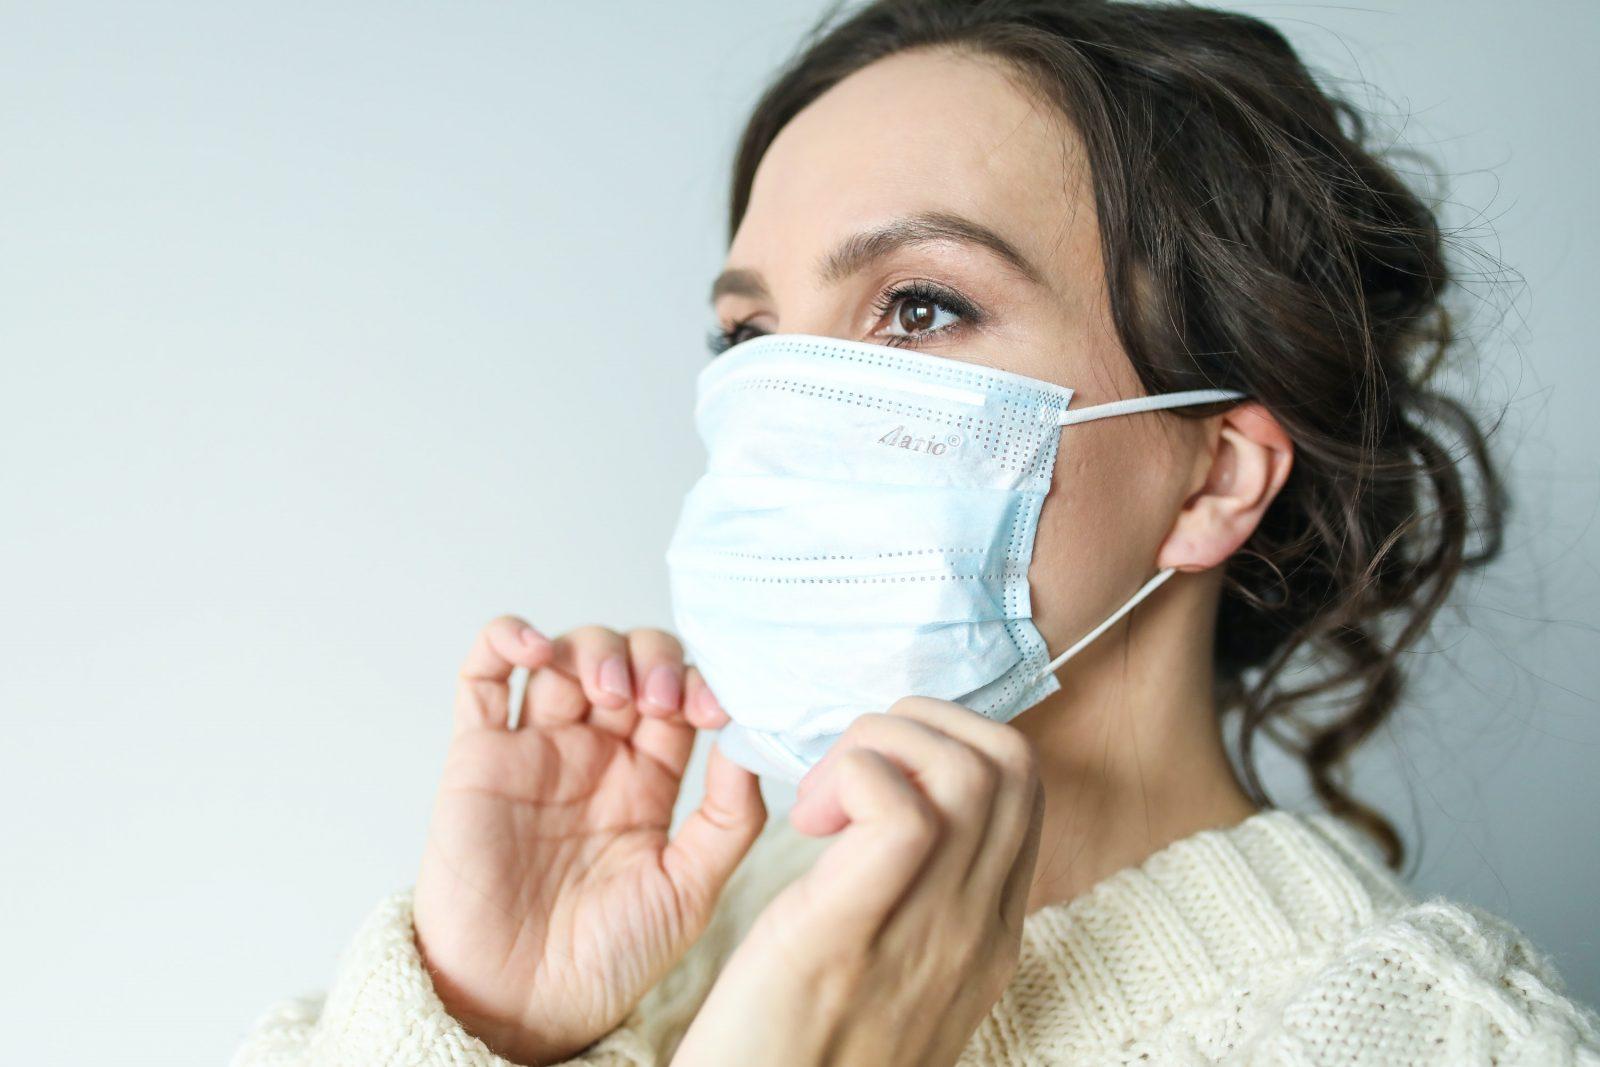 Port du masque obligatoire: un défi aux responsabilités partagées